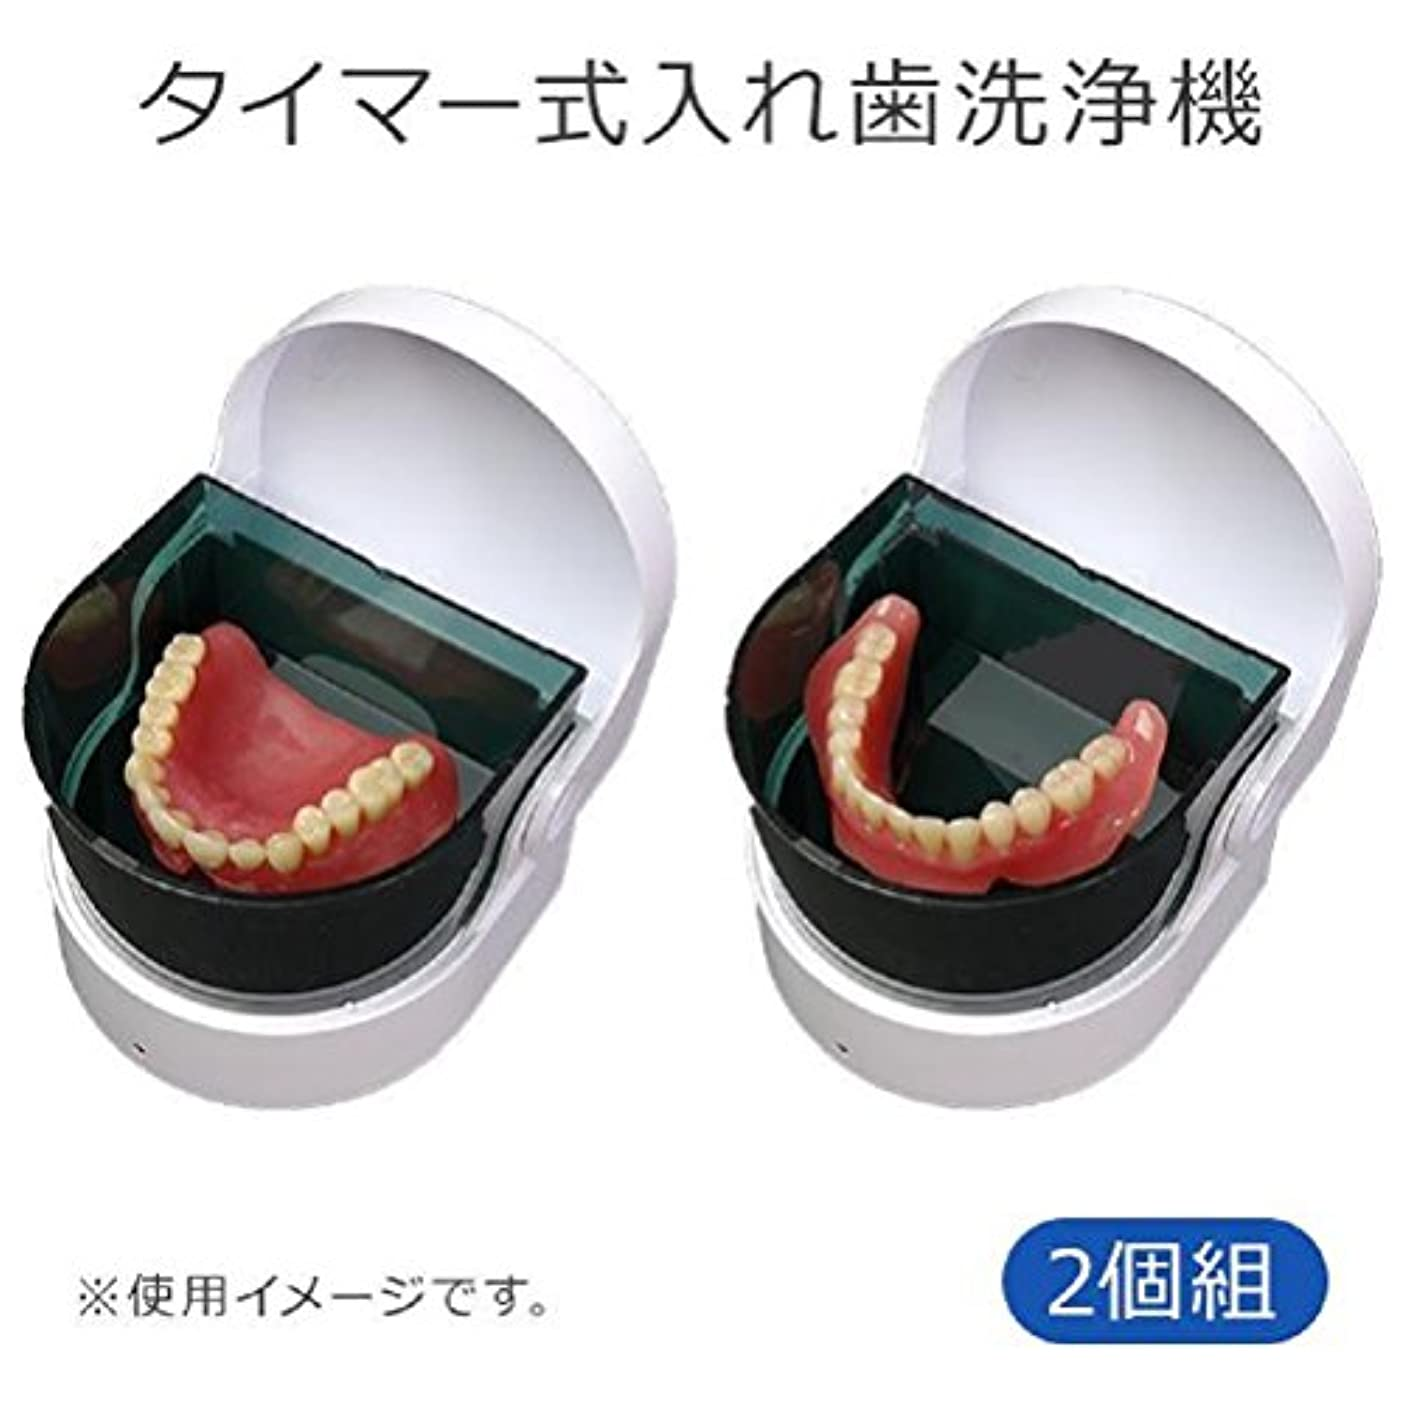 タイマー式入れ歯洗浄機 2個組 K12327